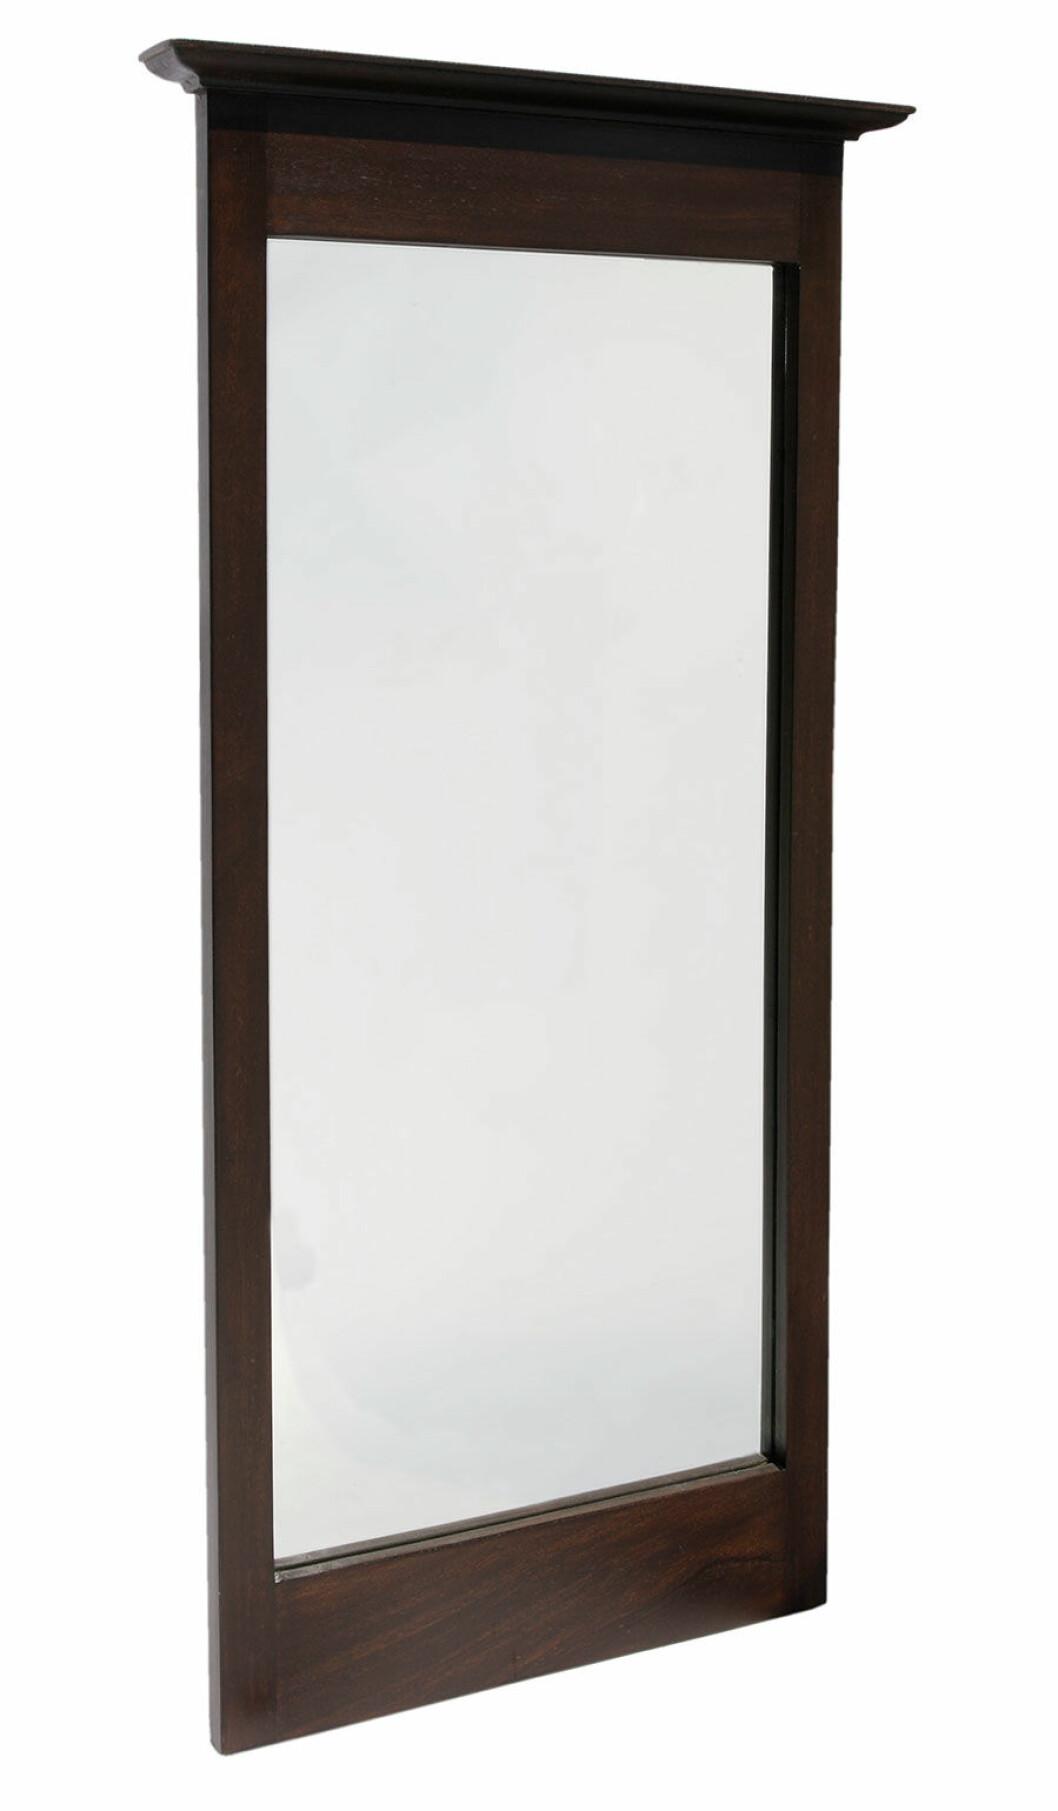 Spegel med en mörk träram.